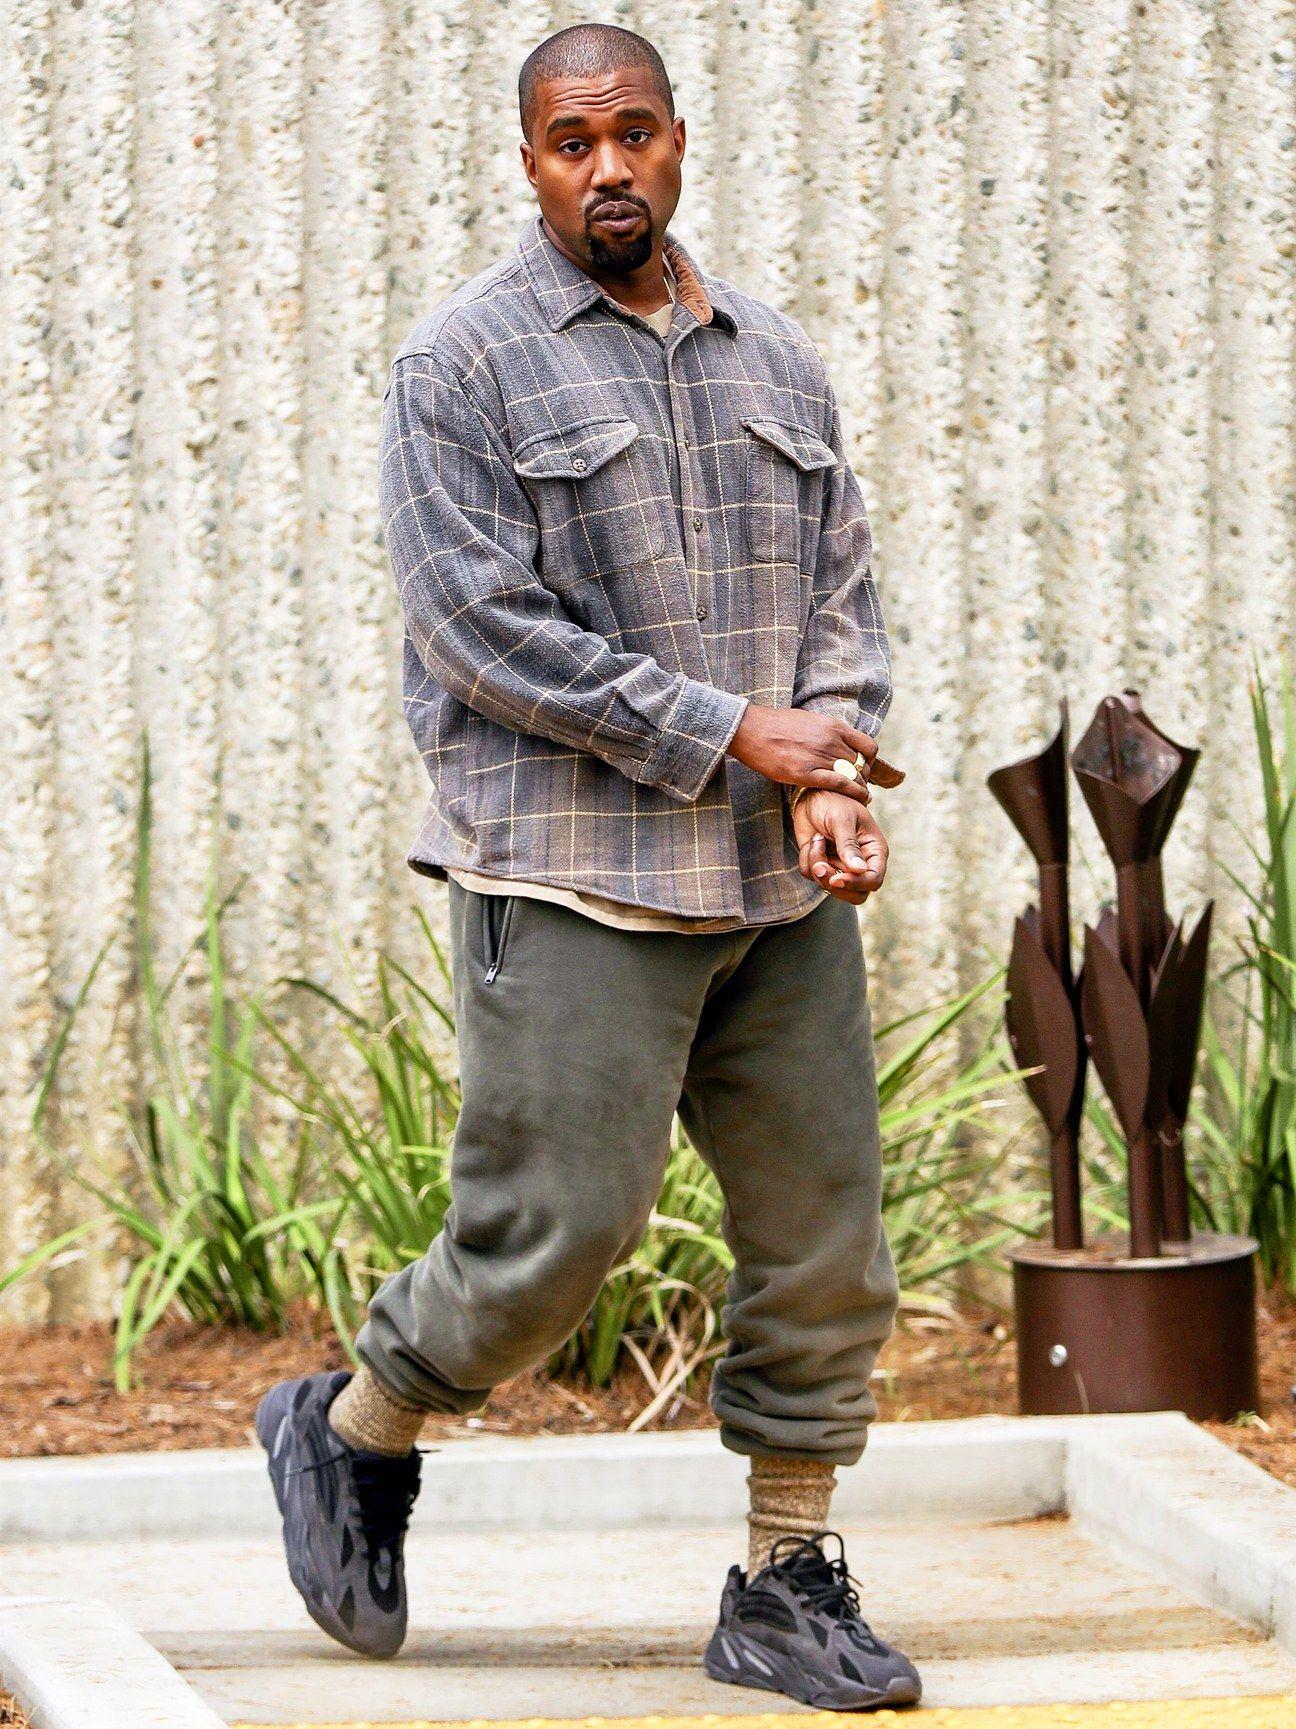 Pin By Zayn On Fashion Inspo Kanye West Outfits Kanye West Style Kanye Fashion